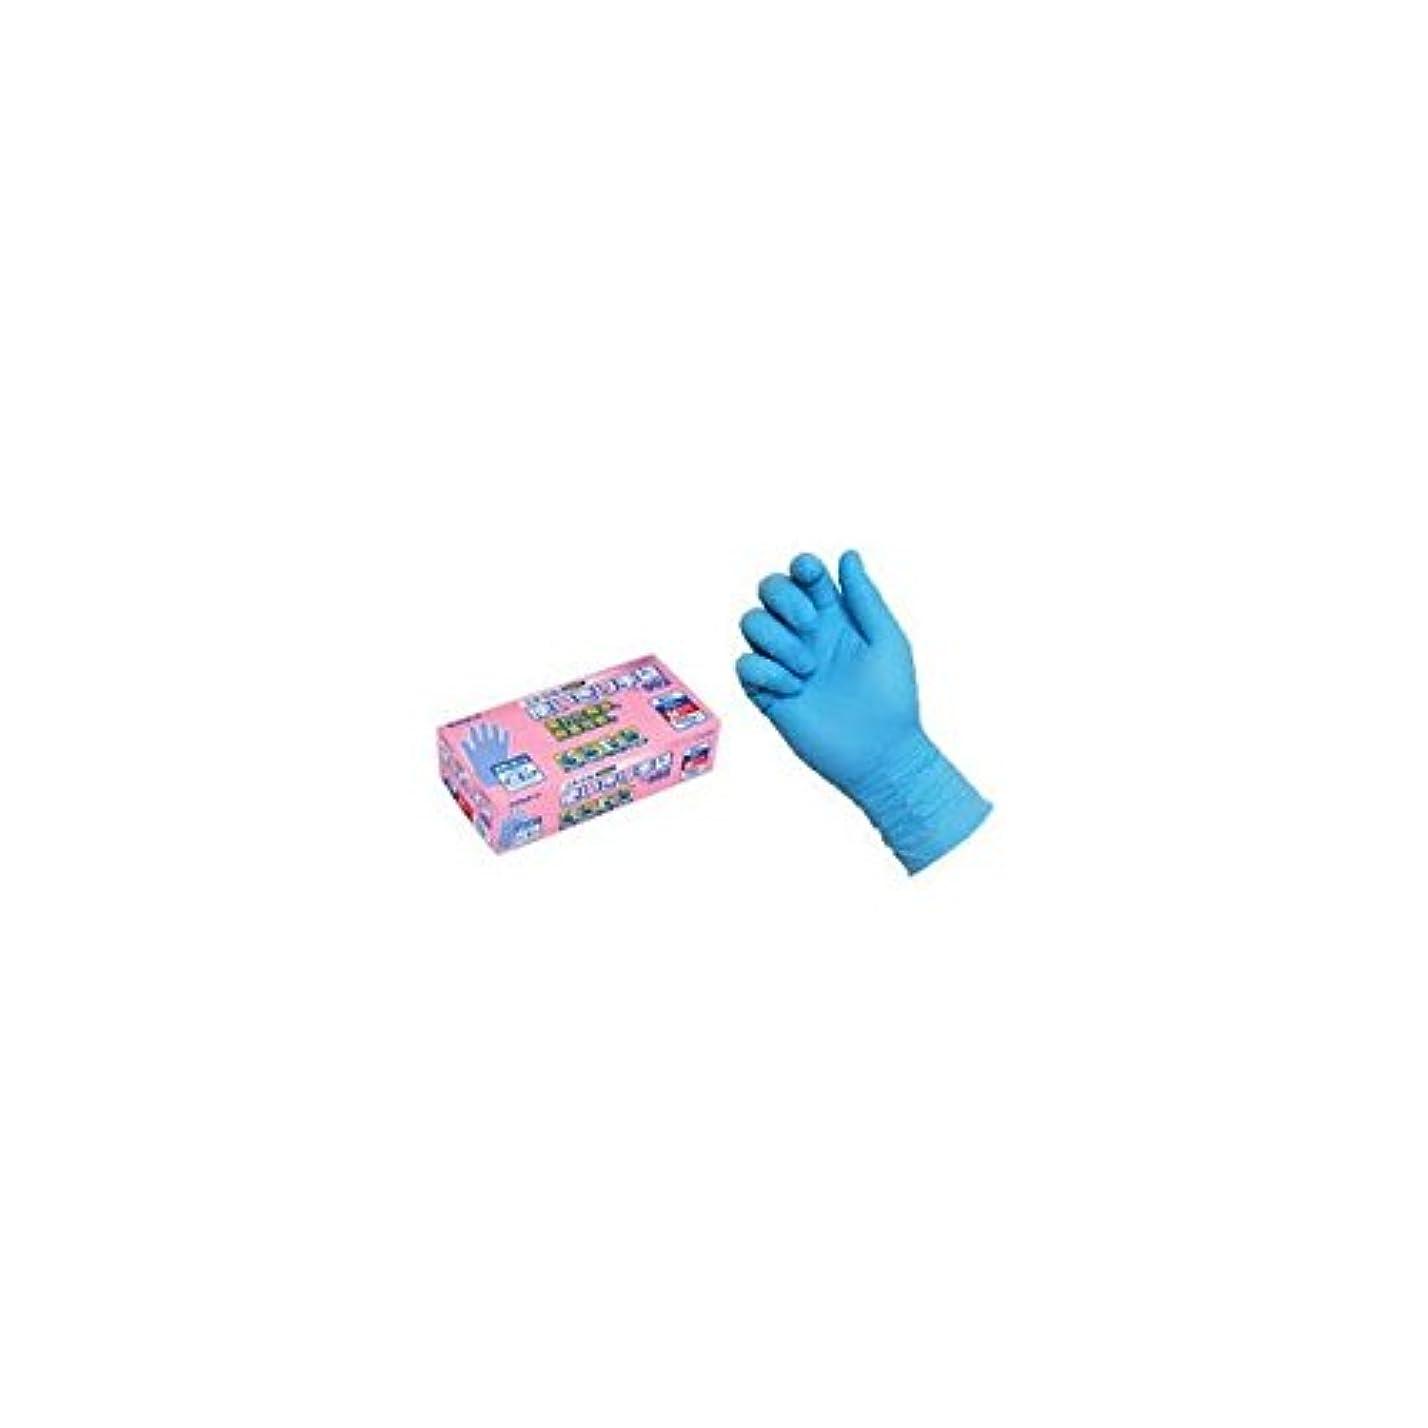 異邦人ダニ固めるニトリル使いきり手袋 PF NO.992 S ブルー エステー 【商品CD】ST4762